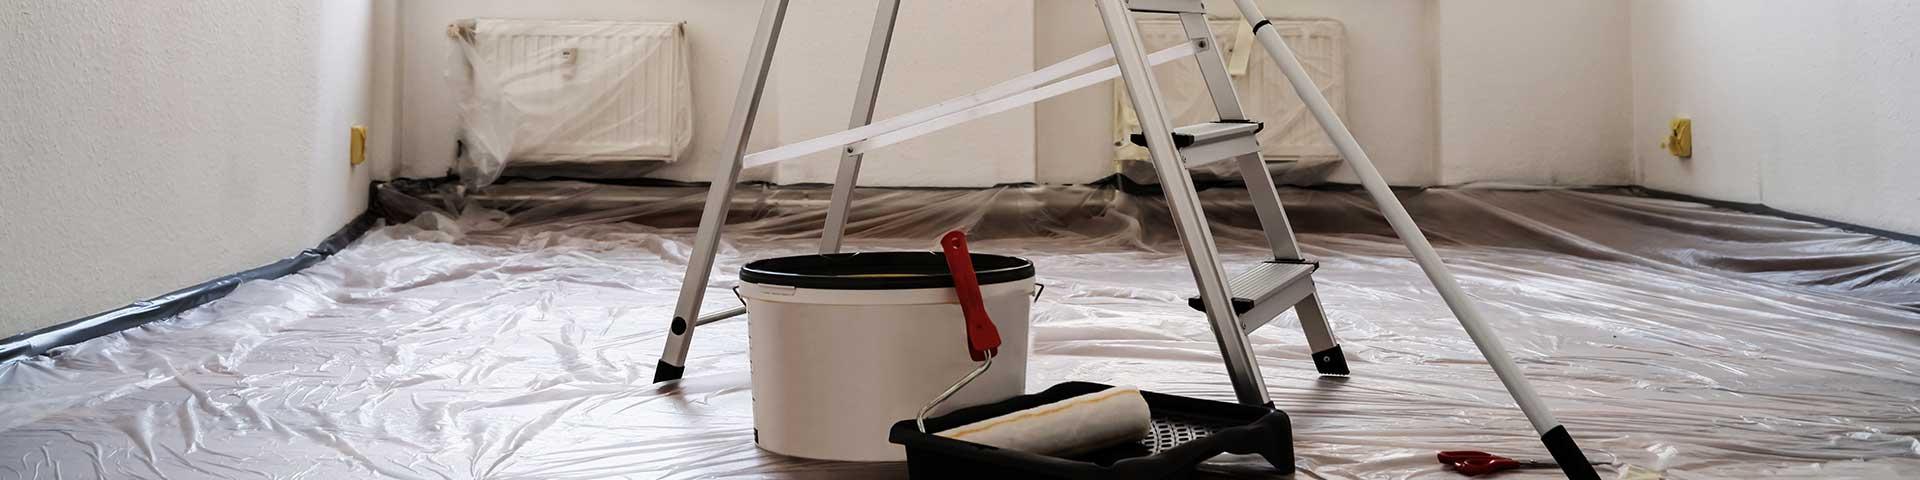 pokój zabezpieczony folią malarską przygotowany do malowania ścian